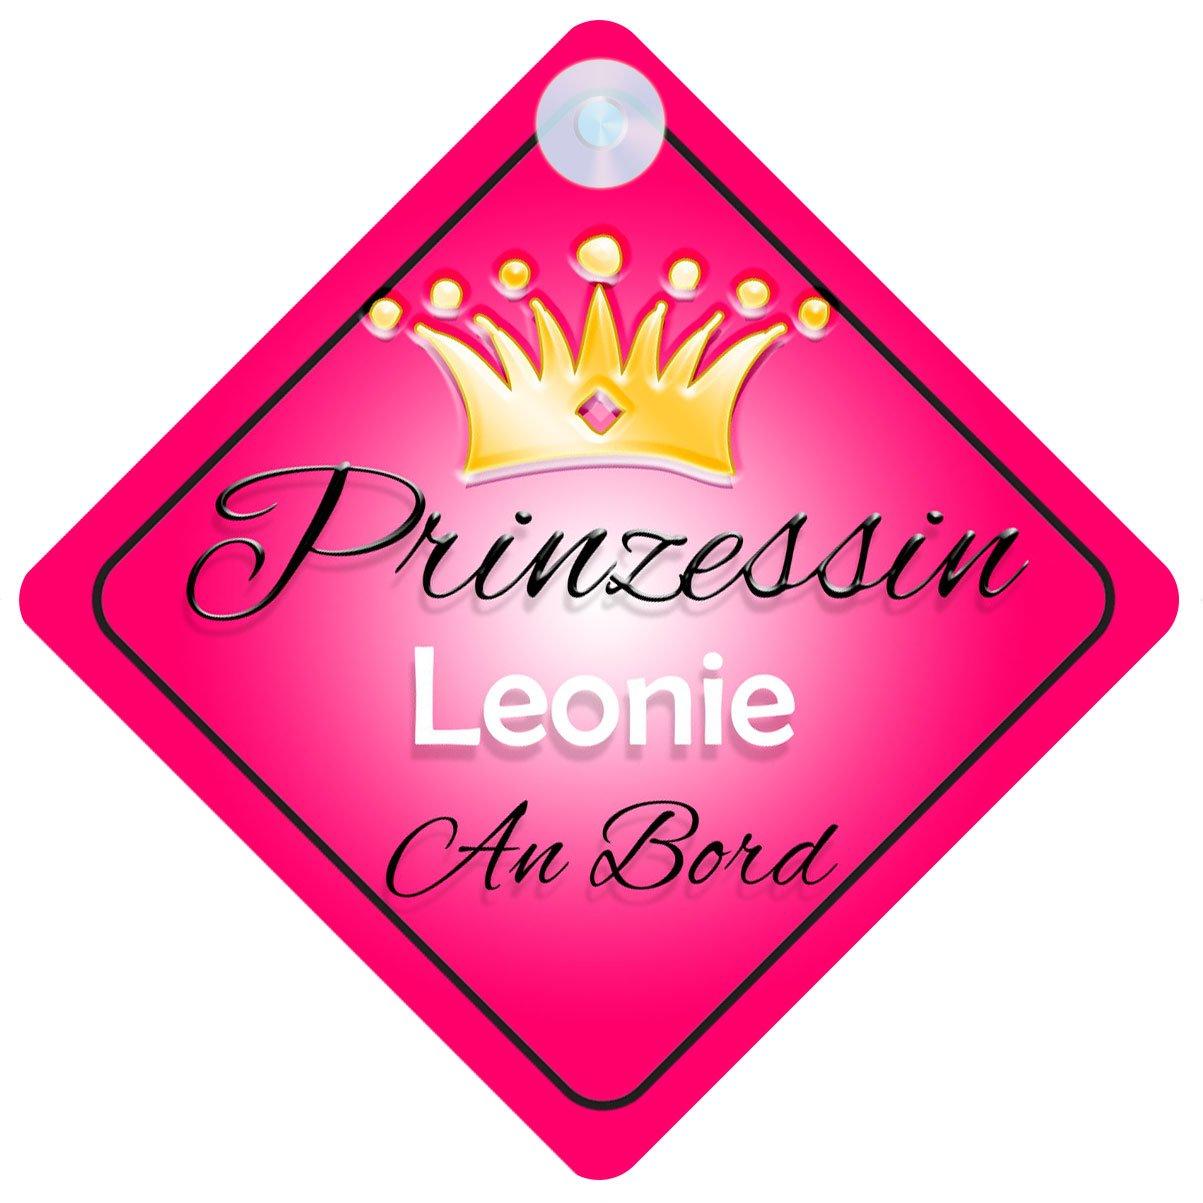 Prinzessin Leonie Baby Prinzessin001 Kind an Bord M/ädchen Auto-Zeichen